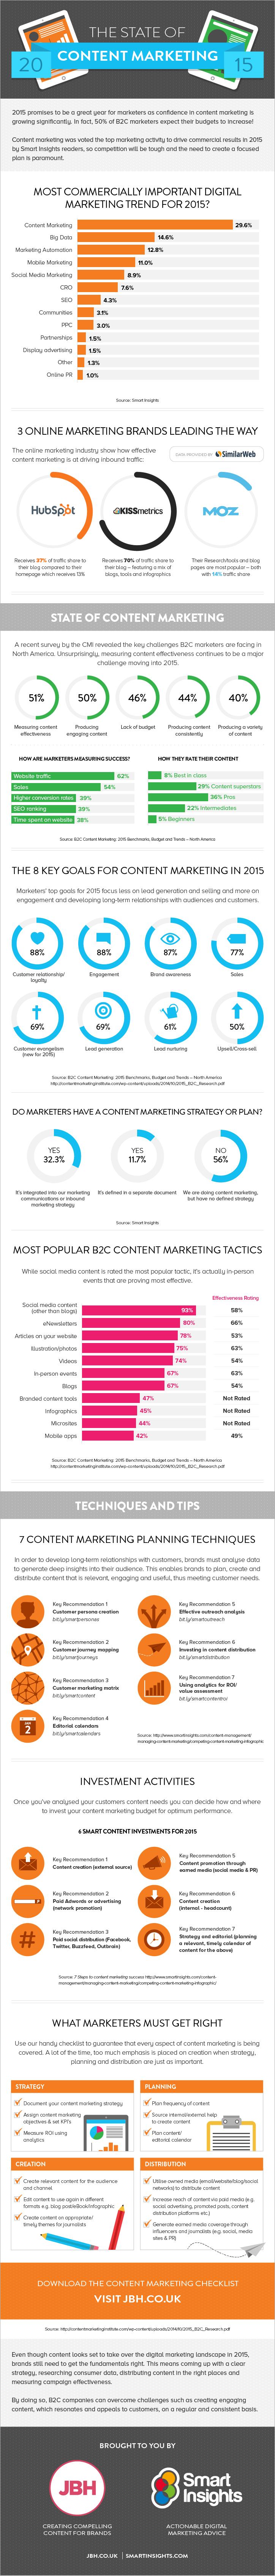 Un panorama sobre las tendencias y técnicas para dominar el marketing de contenidos